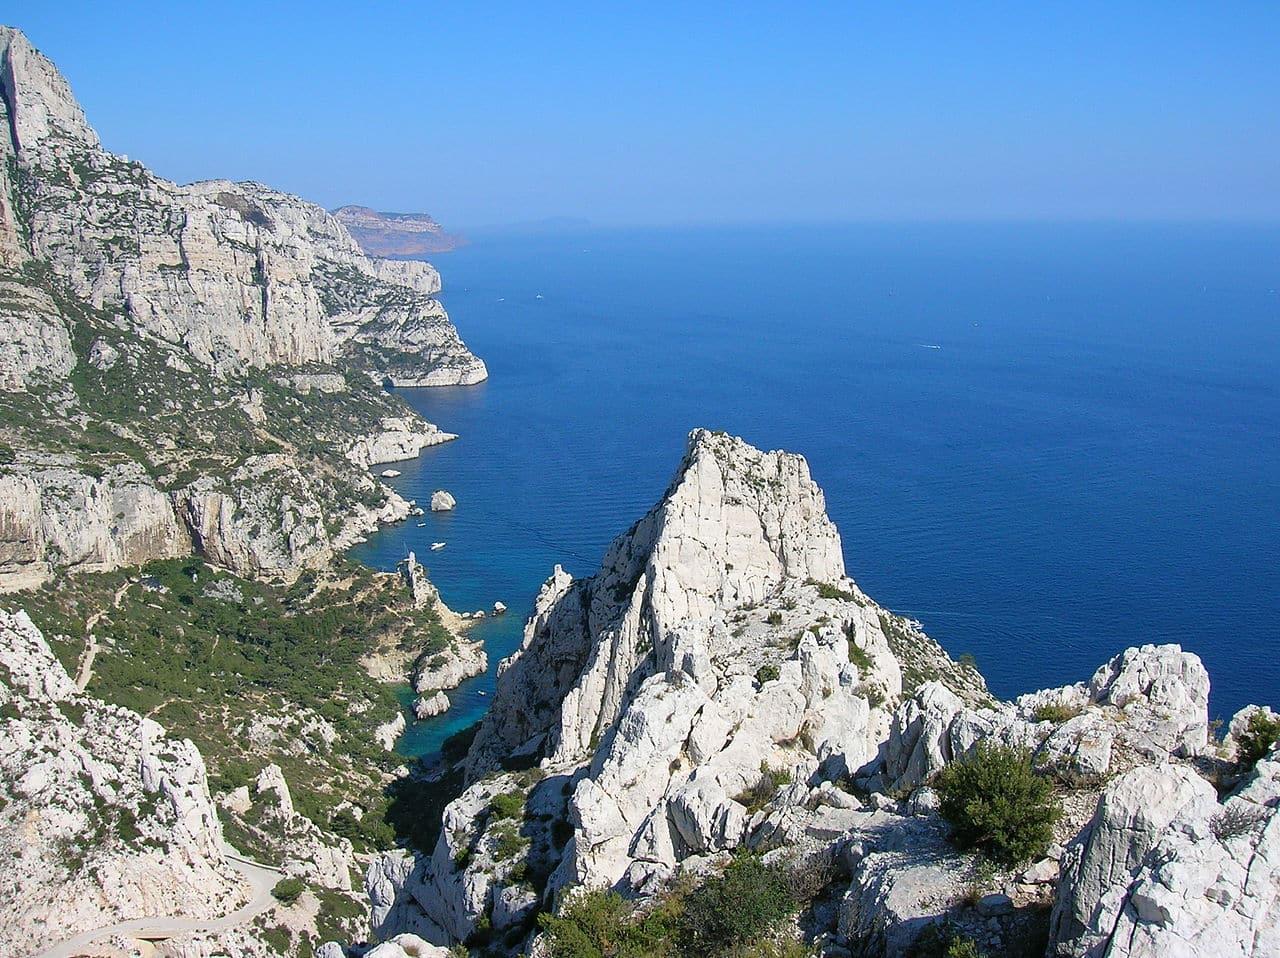 Plongée dans les Calanques de Marseille